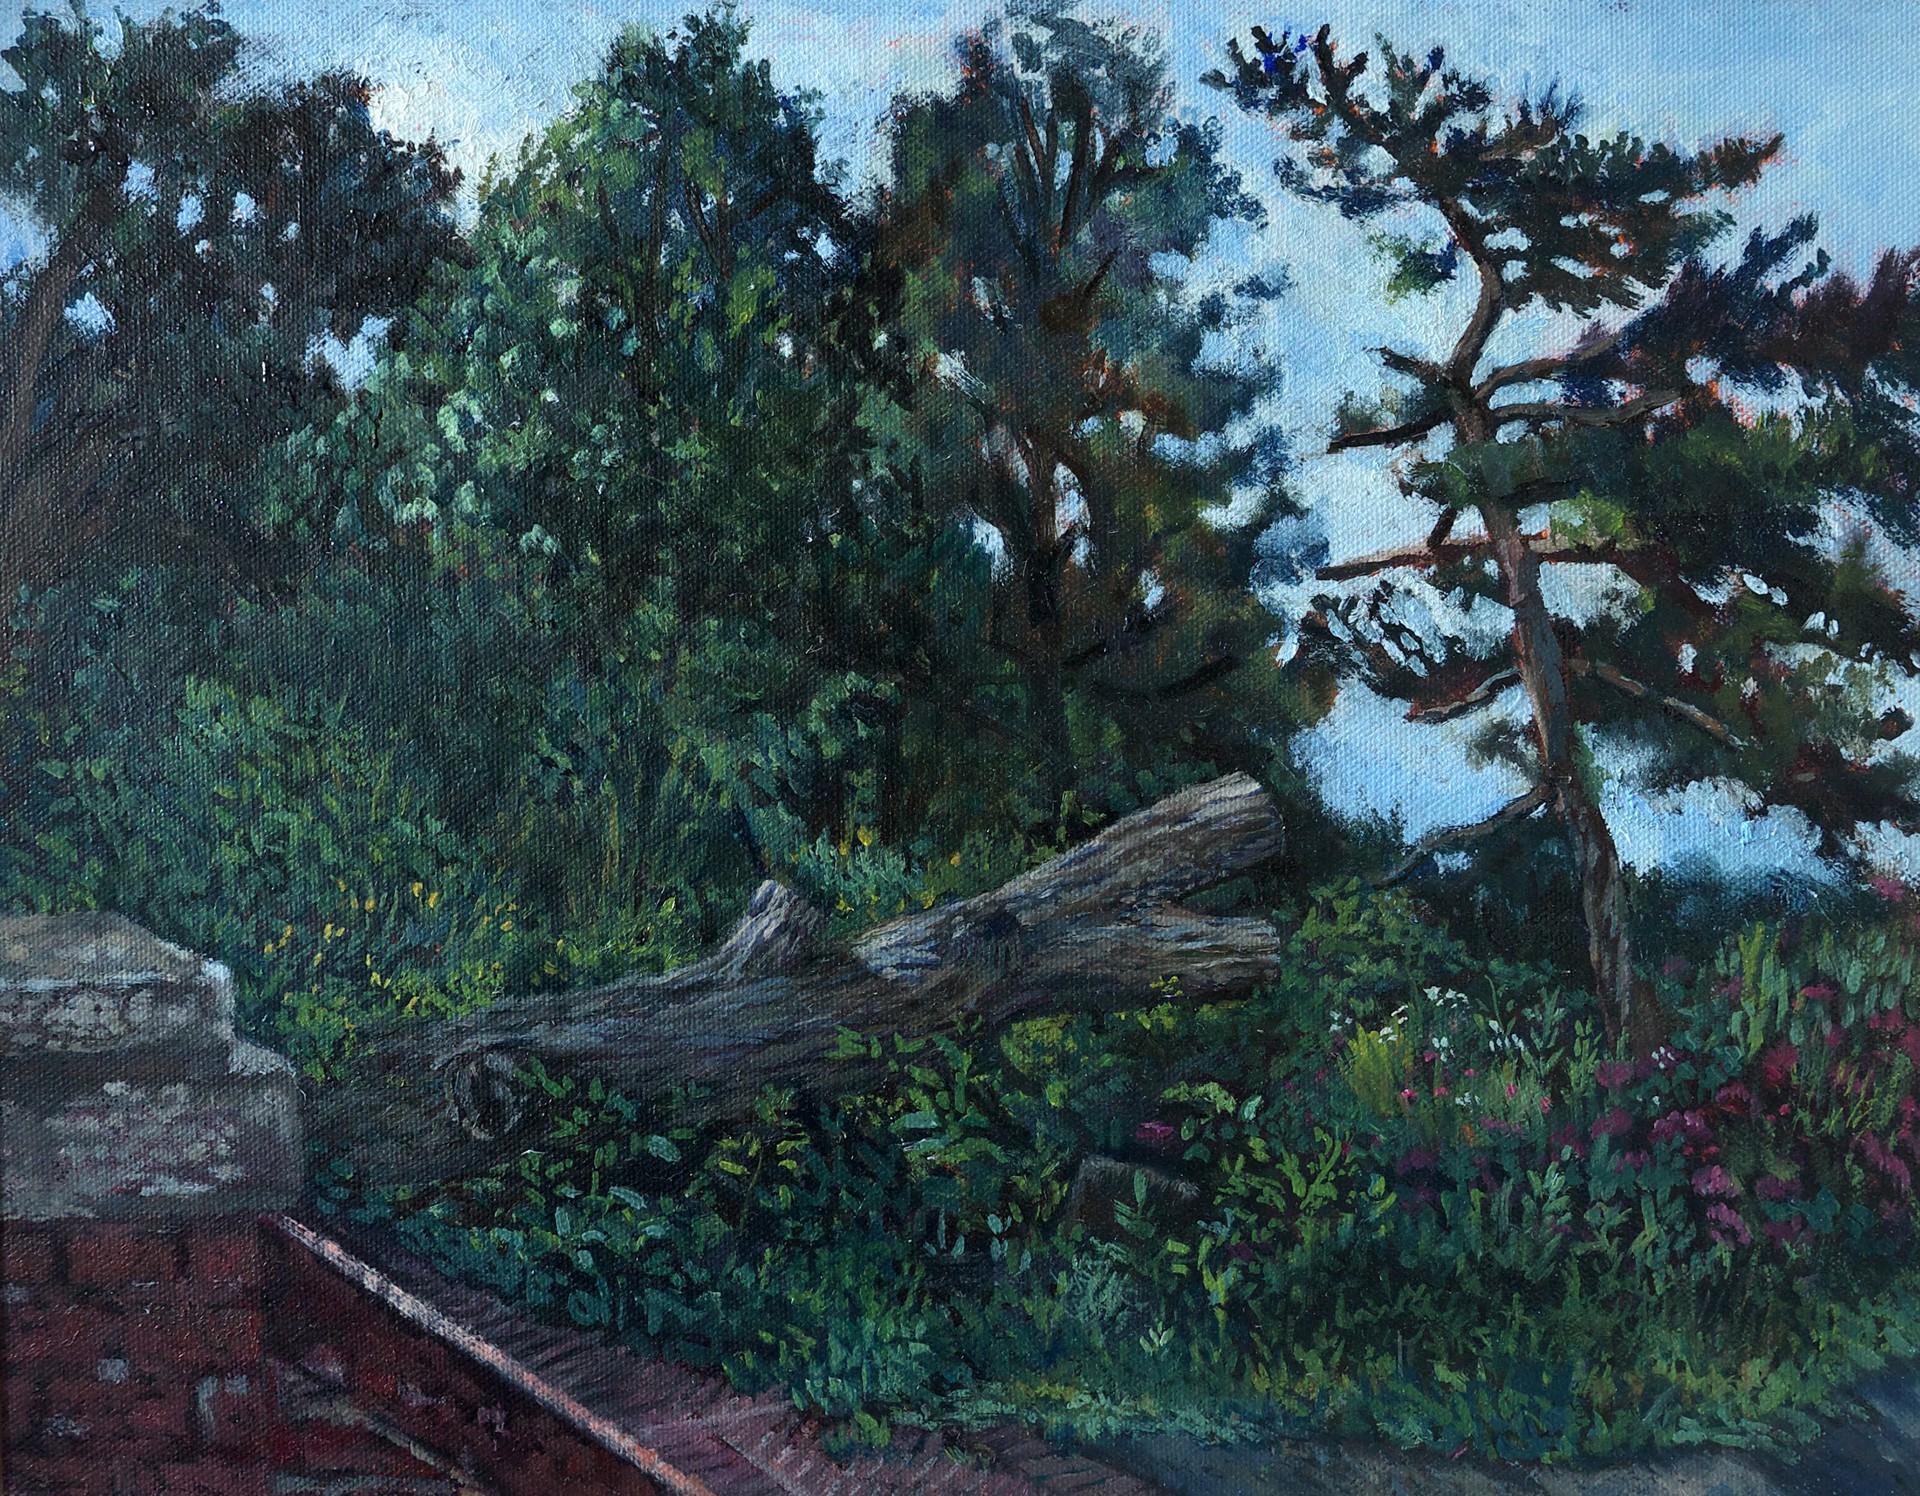 My Secret Garden by Kim Power